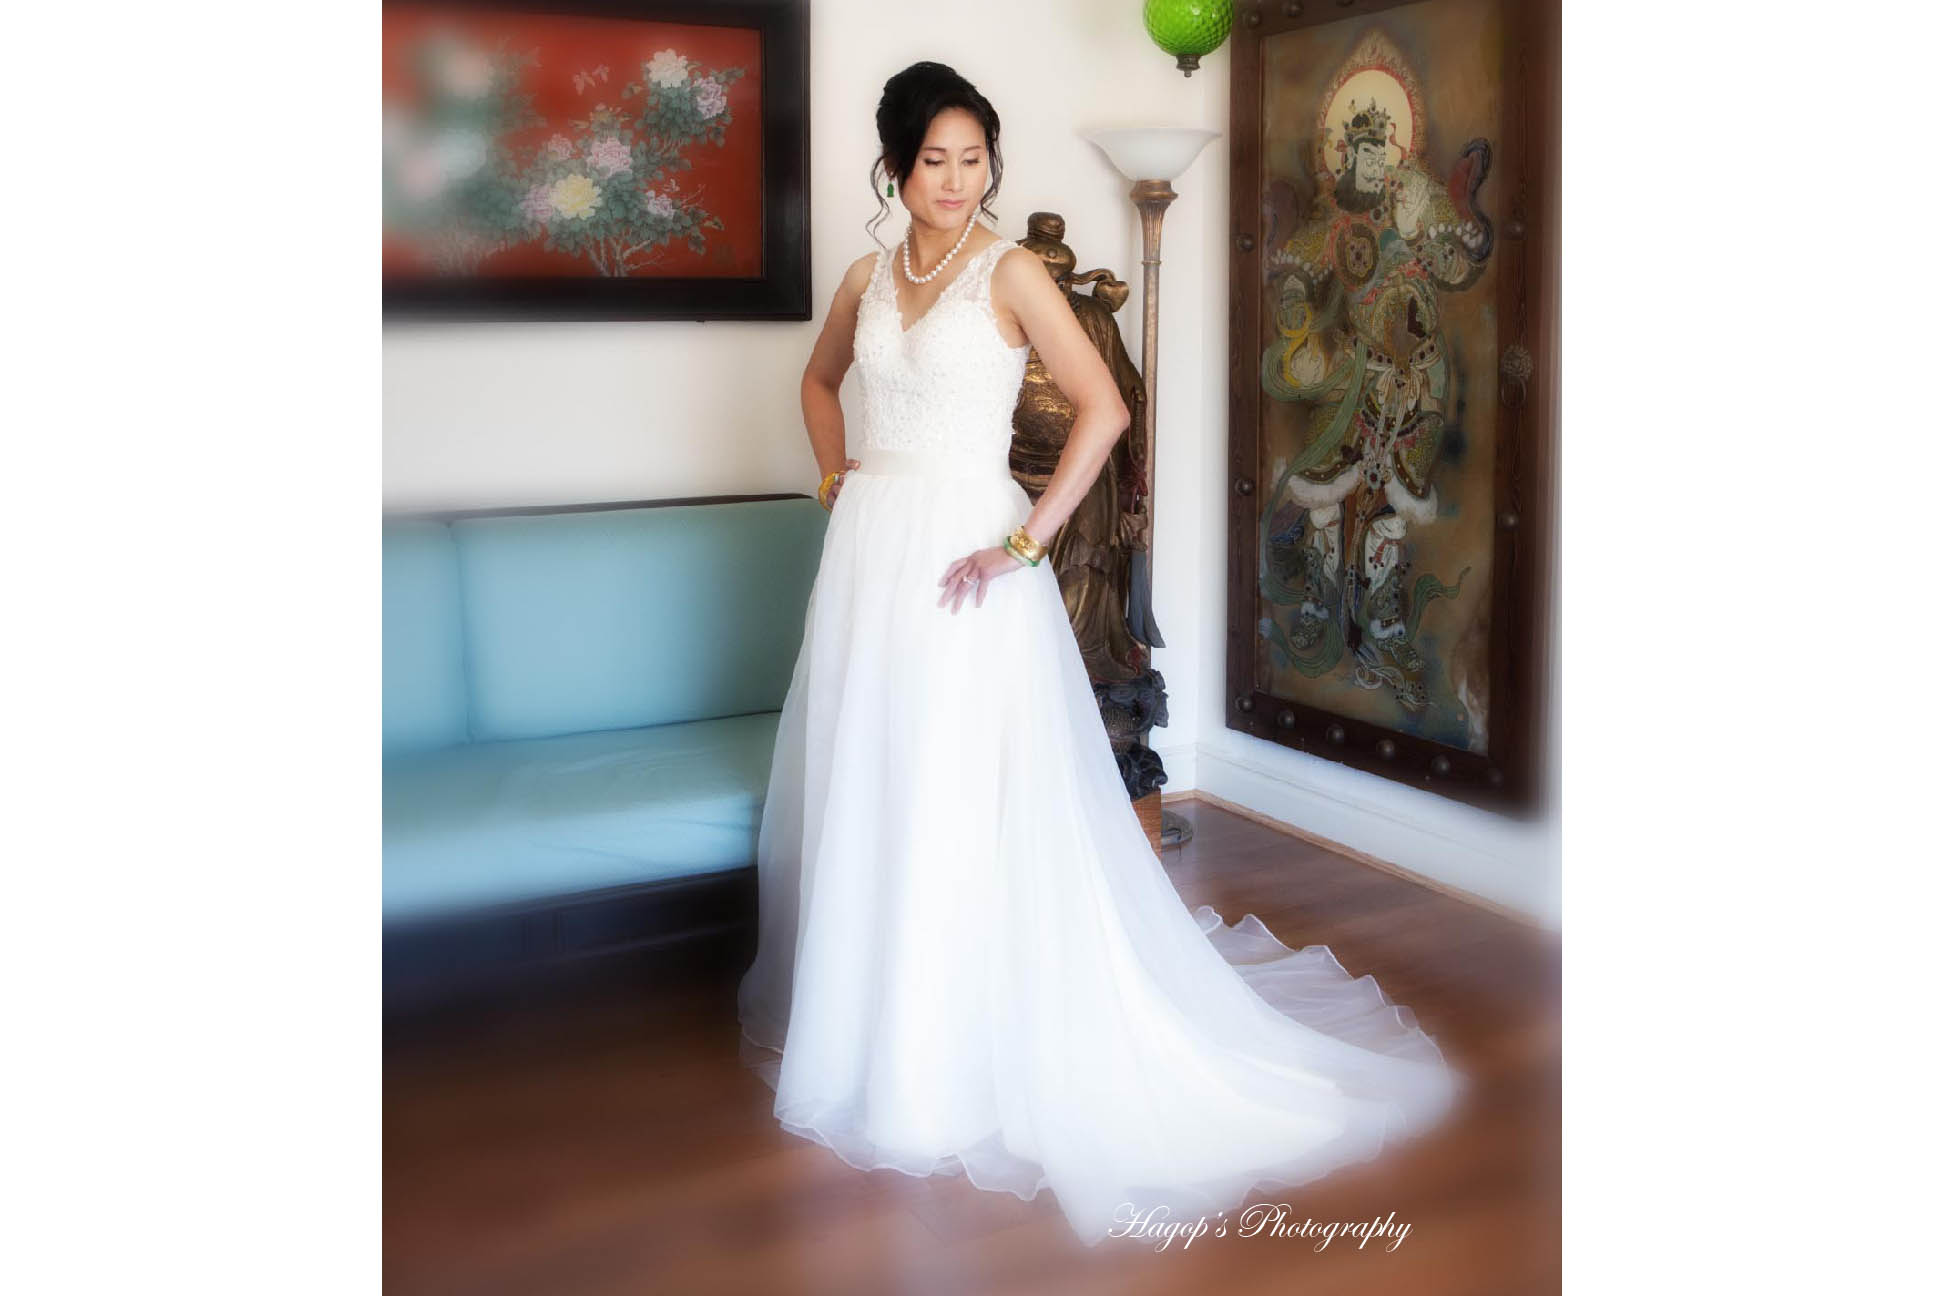 pre-wedding photo of the bride